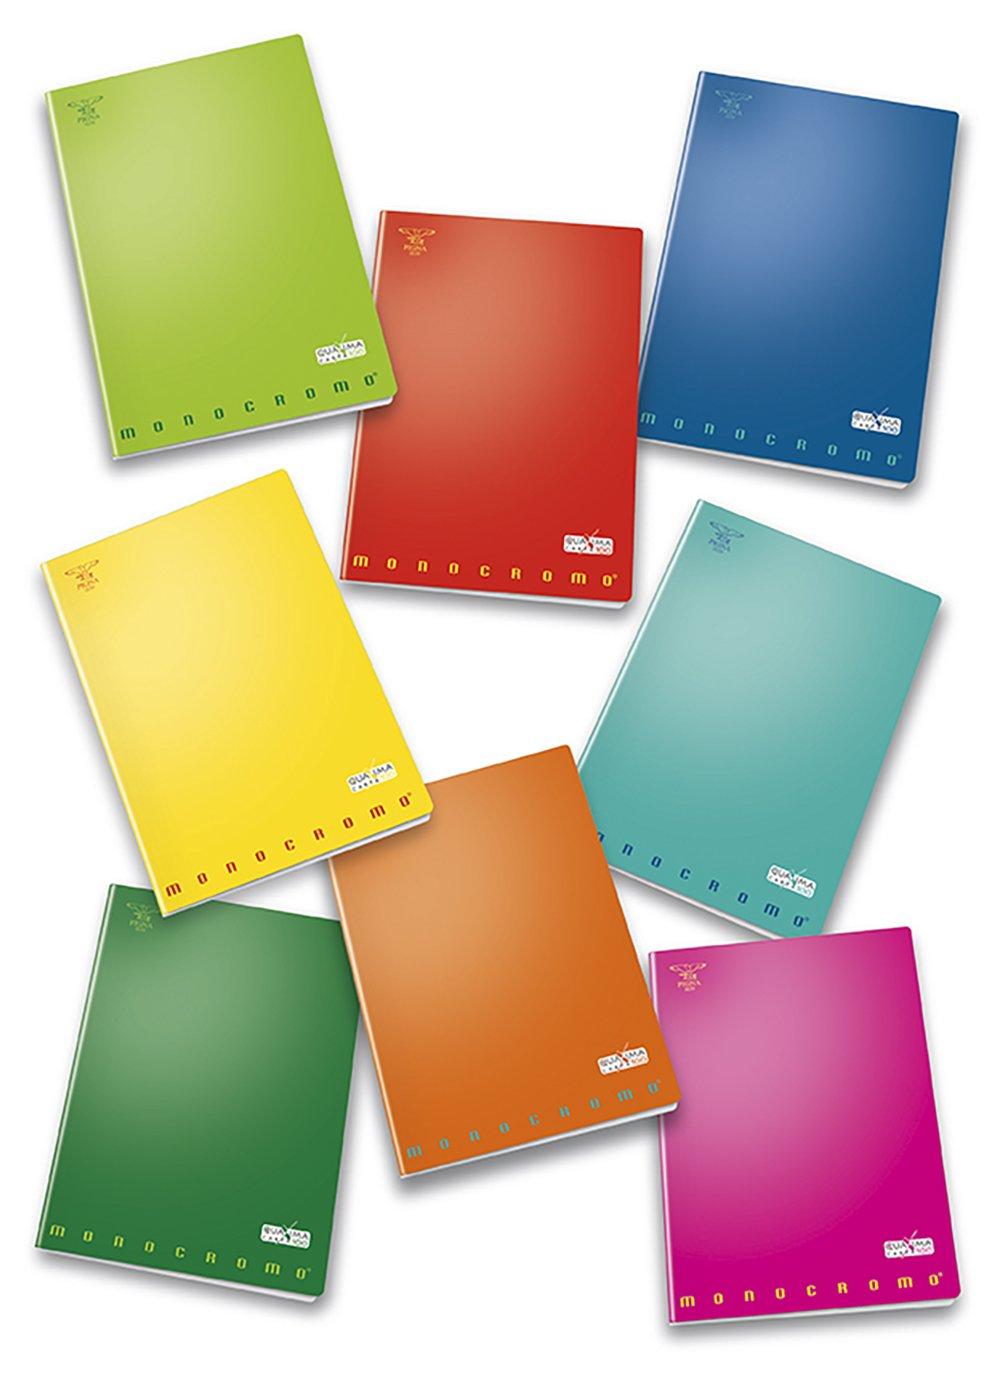 Pigna Monocromo 02217805M, Quaderno formato A4, Rigatura 5M, quadretti 5 mm per 2° e 3° elementare, Carta 100g/mq, Pacco da 10 Pezzi